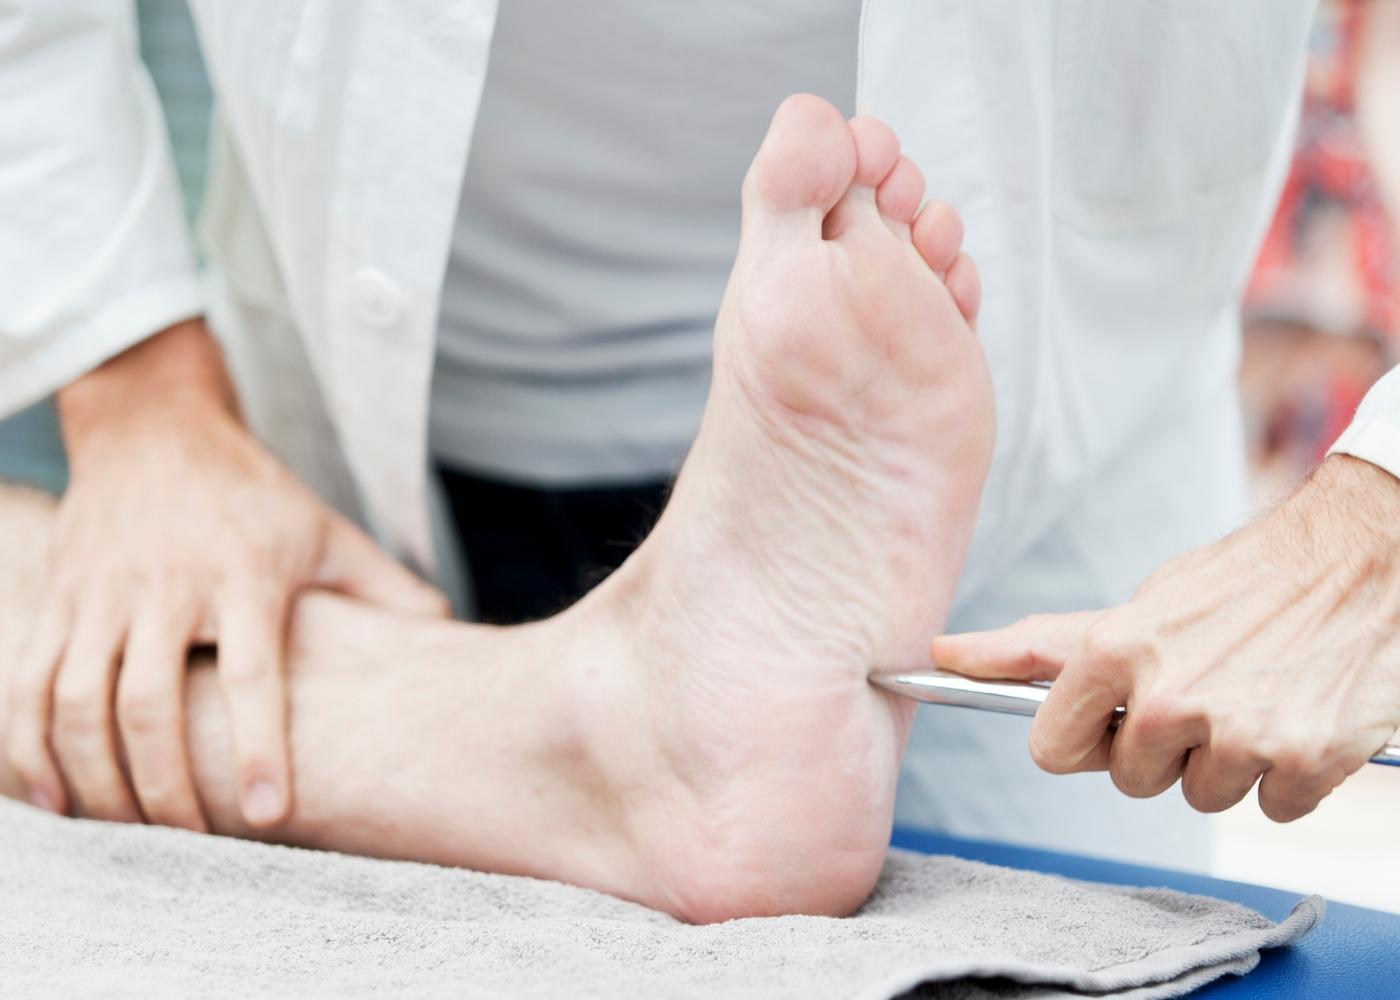 Médico a analisar sensibilidade ao toque nos pés de paciente